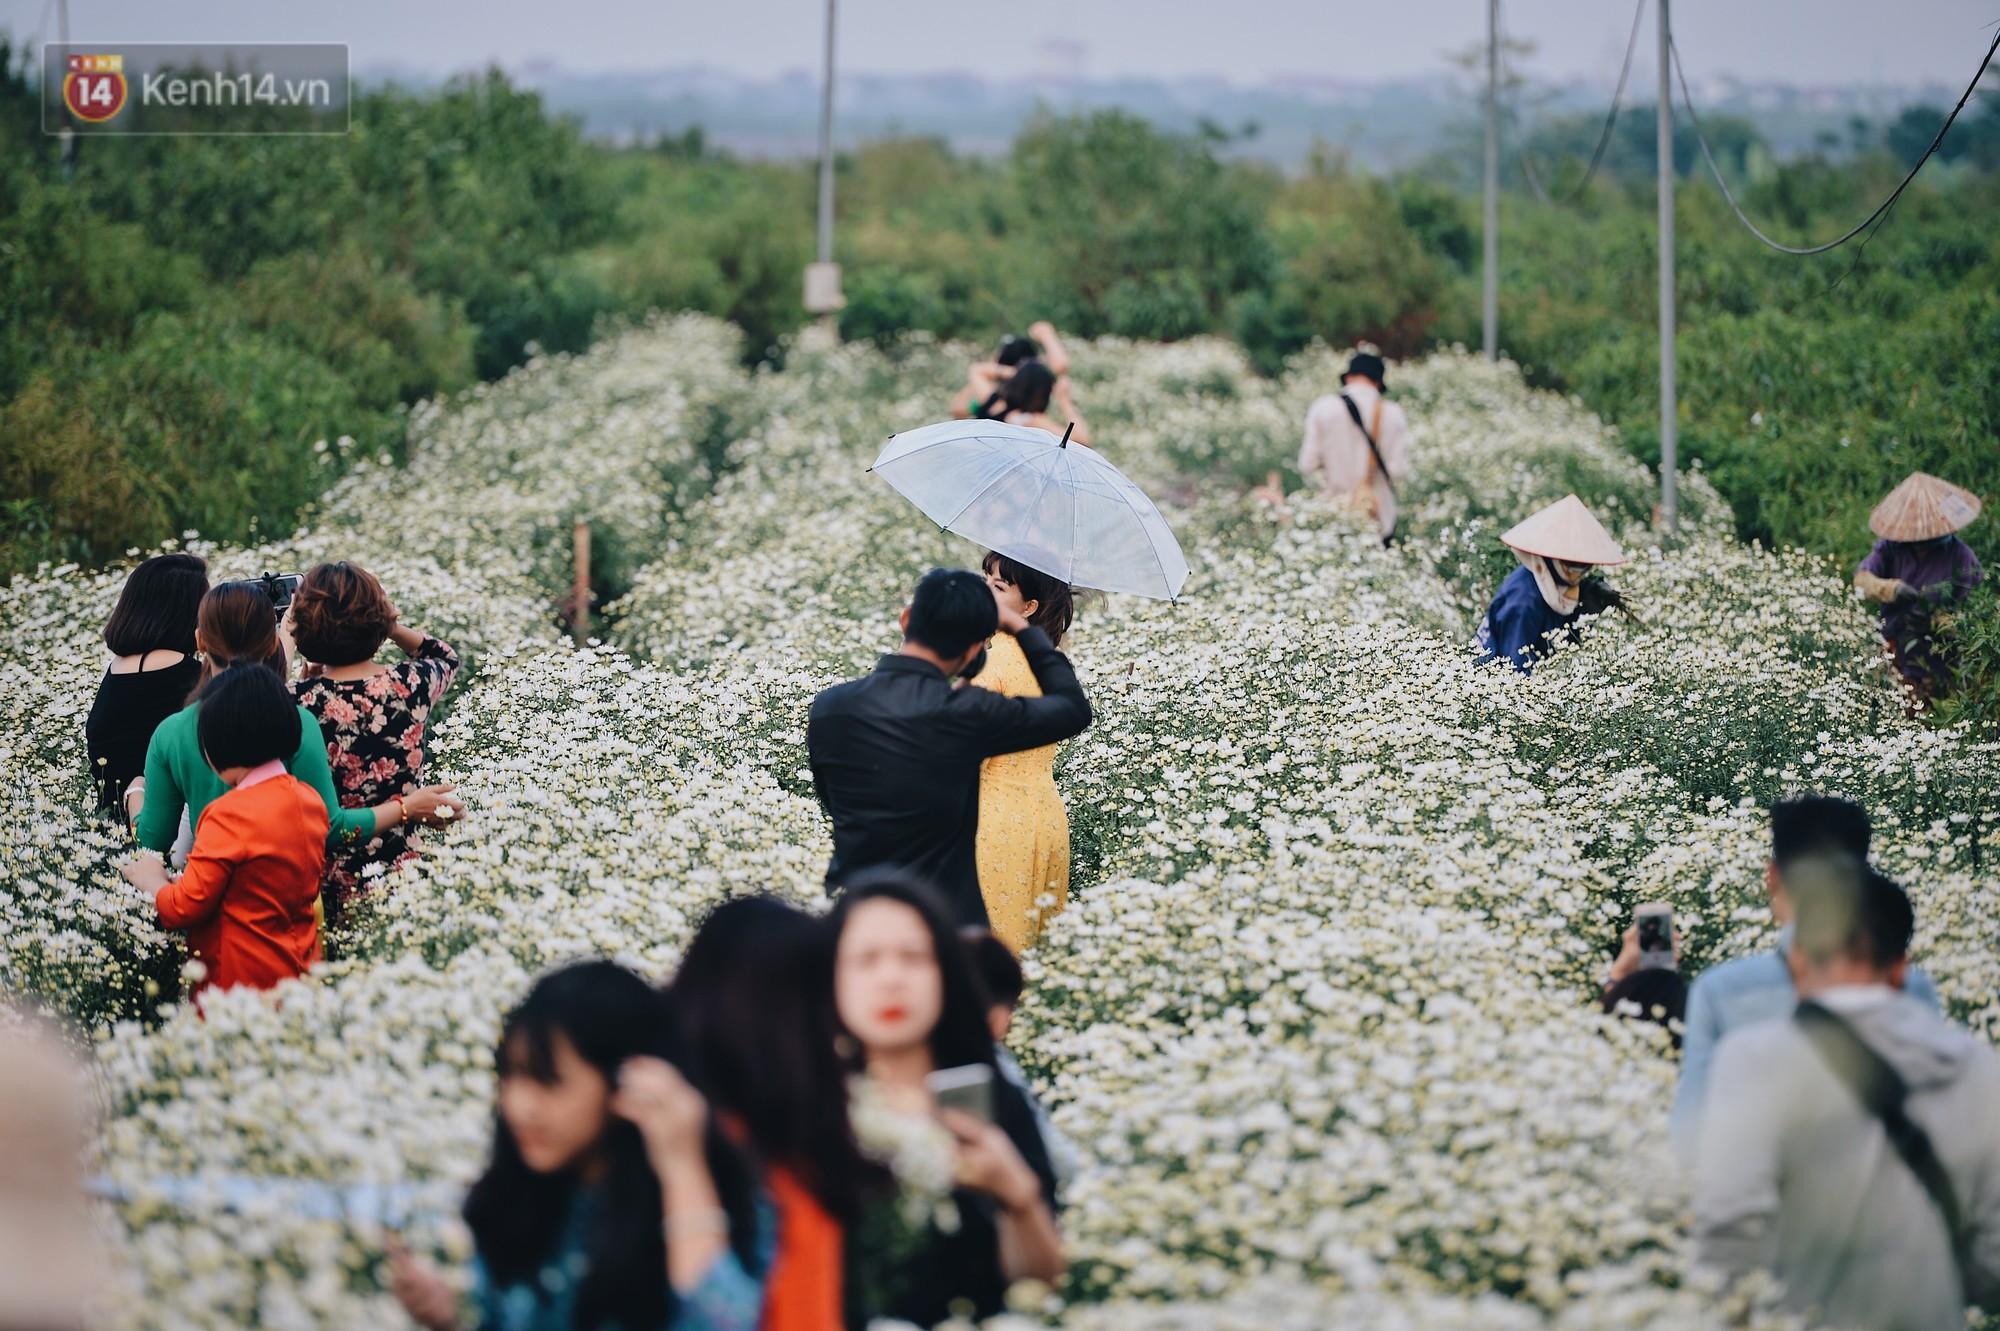 Vườn cúc hoạ mi ở Hà Nội thất thủ cuối tuần: 1 mét vuông có chục nhiếp ảnh gia và mẫu - Ảnh 1.